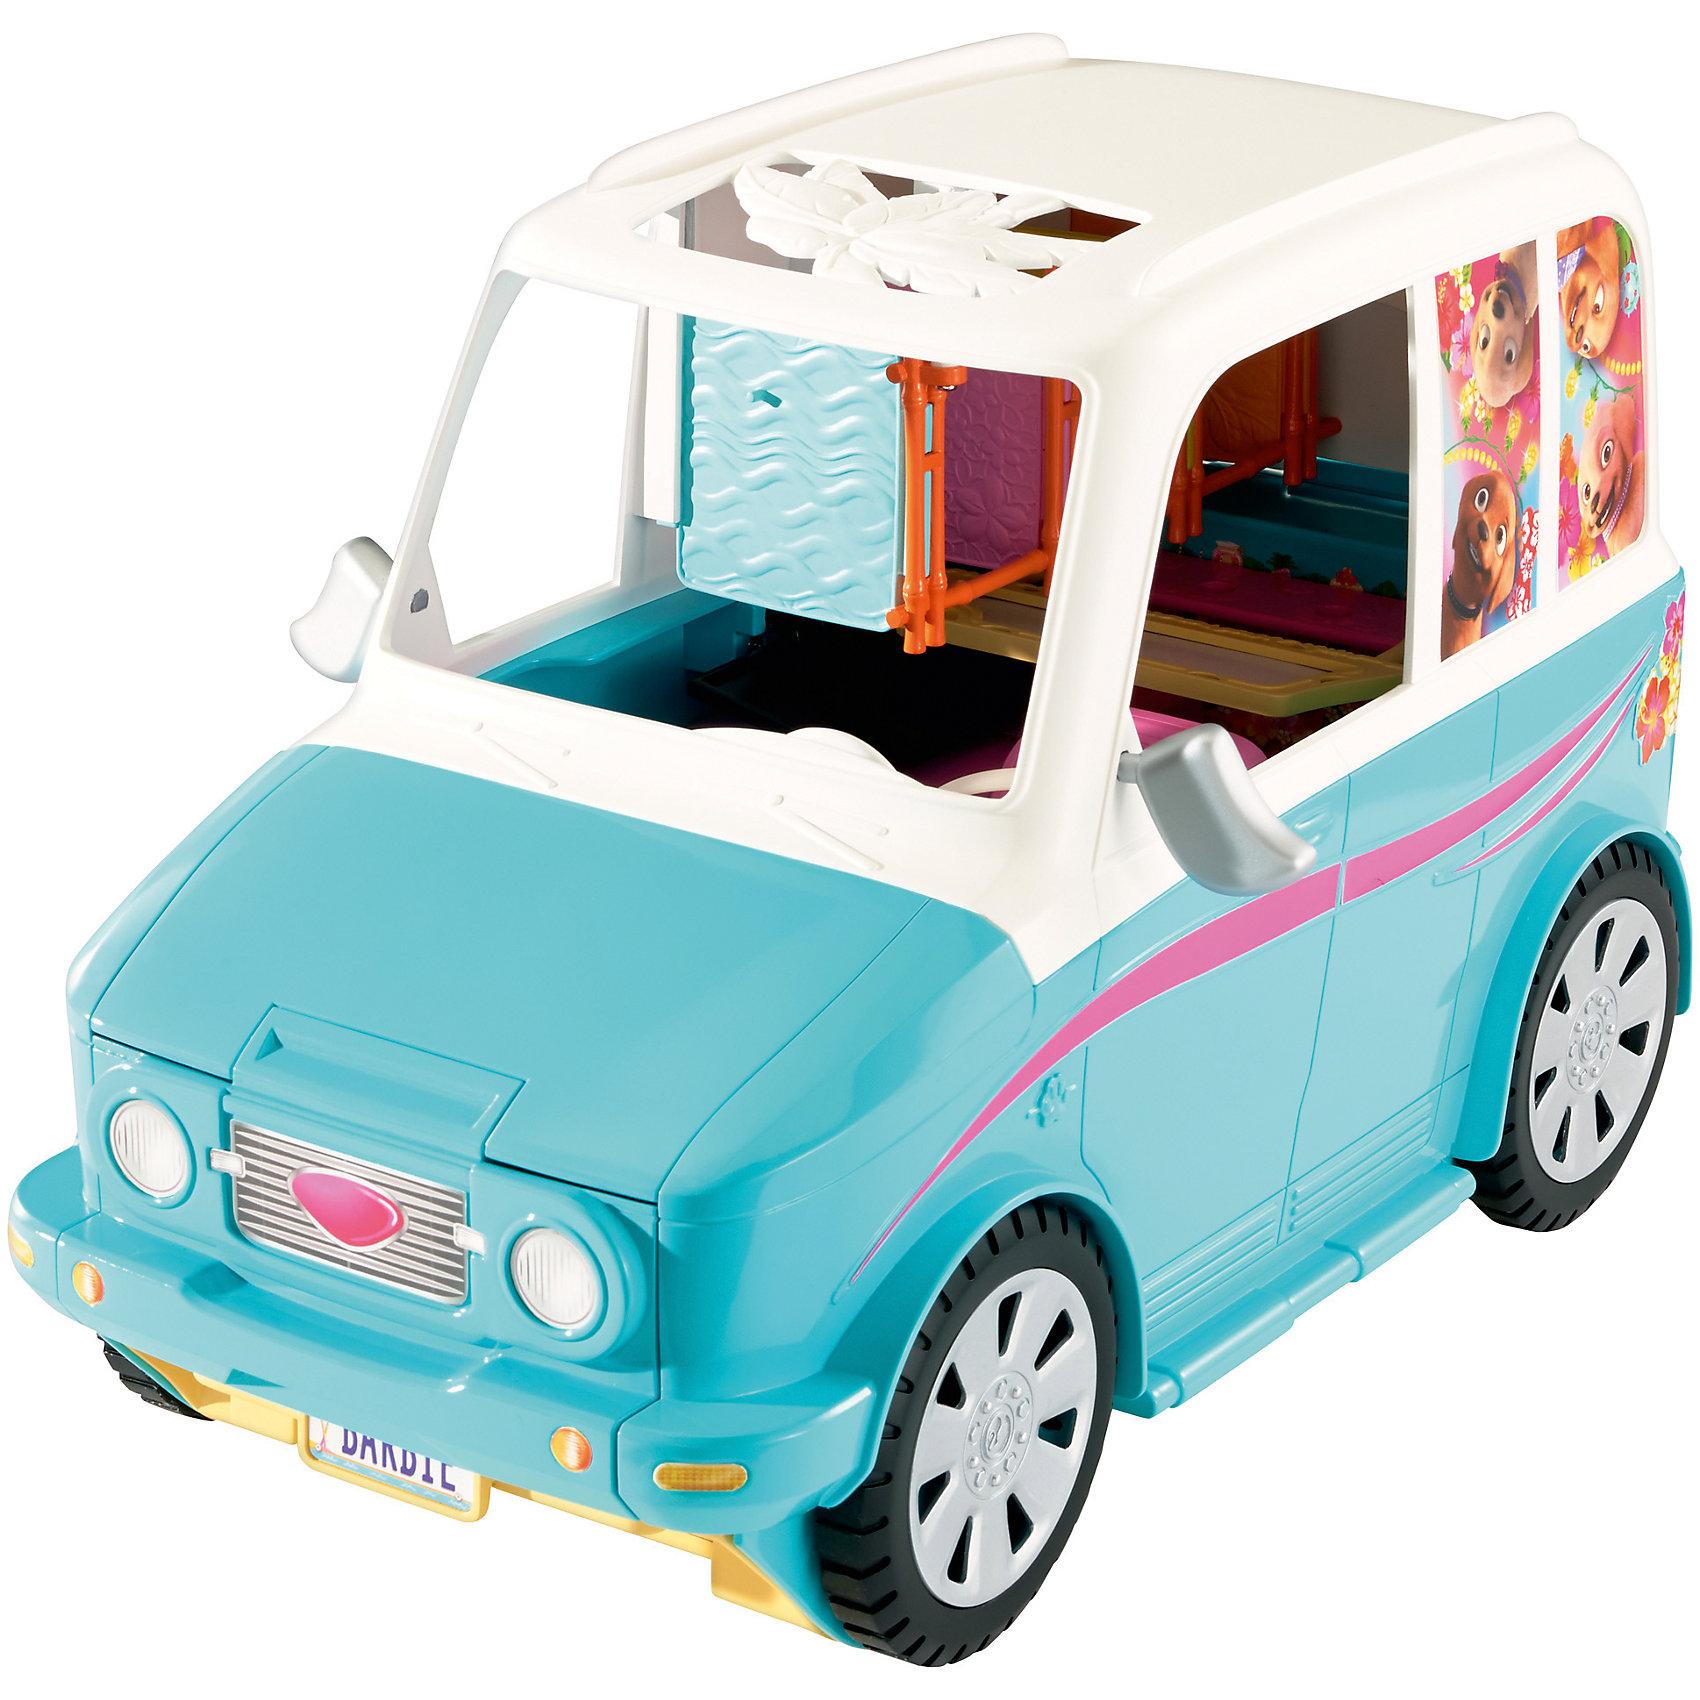 Раскладной фургон для щенков, BarbieПопулярные игрушки<br>Раскладной фургон для щенков, Barbie - чудесный игровой набор, который вызовет восторг у Вашей девочки, поклонницы кукол Barbie.<br>Раскладной фургон для щенков - игрушка по мультфильму «Барби и ее сестры в поисках сокровищ». Верные друзья длинноногой красавицы, 4 очаровательных щенка отправляются в путешествие! Вместительный фургон, на котором они передвигаются, раскладывается и оснащен всем необходимым, чтобы хорошенько отдохнуть в дороге и, конечно, повеселиться. Он с легкостью вмещает куклу Барби, ее сестру (приобретаются отдельно) и 4 щенков. У машины раздвигаются боковые стенки, и откидывается крыша, и фургон превращается в идеальную площадку для игры c зоной для отдыха, смузи-баром в стиле «Тики» (напитки для всех сестер), телевизором, подстилками для щенков. Когда один щенок съезжает на площадку, другой может спуститься на «лифте» по забавной пальме! Для того, чтобы щенки выспались и отдохнули, предусмотрены 4 лежанки, расположенные друг над другом. В комплект также входят различные аксессуары - миски, стаканчики с напитками и другие.<br><br>Дополнительная информация:<br><br>- В наборе: транспорт-трансформер, 4 щенка, тематические аксессуары<br>- Куклы продаются отдельно<br>- Материал: пластик<br>- Размер упаковки: 19х39,5х25 см.<br>- Вес: 2,281 кг.<br><br>Раскладной фургон для щенков, Barbie можно купить в нашем интернет-магазине.<br><br>Ширина мм: 190<br>Глубина мм: 395<br>Высота мм: 250<br>Вес г: 2281<br>Возраст от месяцев: 36<br>Возраст до месяцев: 120<br>Пол: Женский<br>Возраст: Детский<br>SKU: 4865286